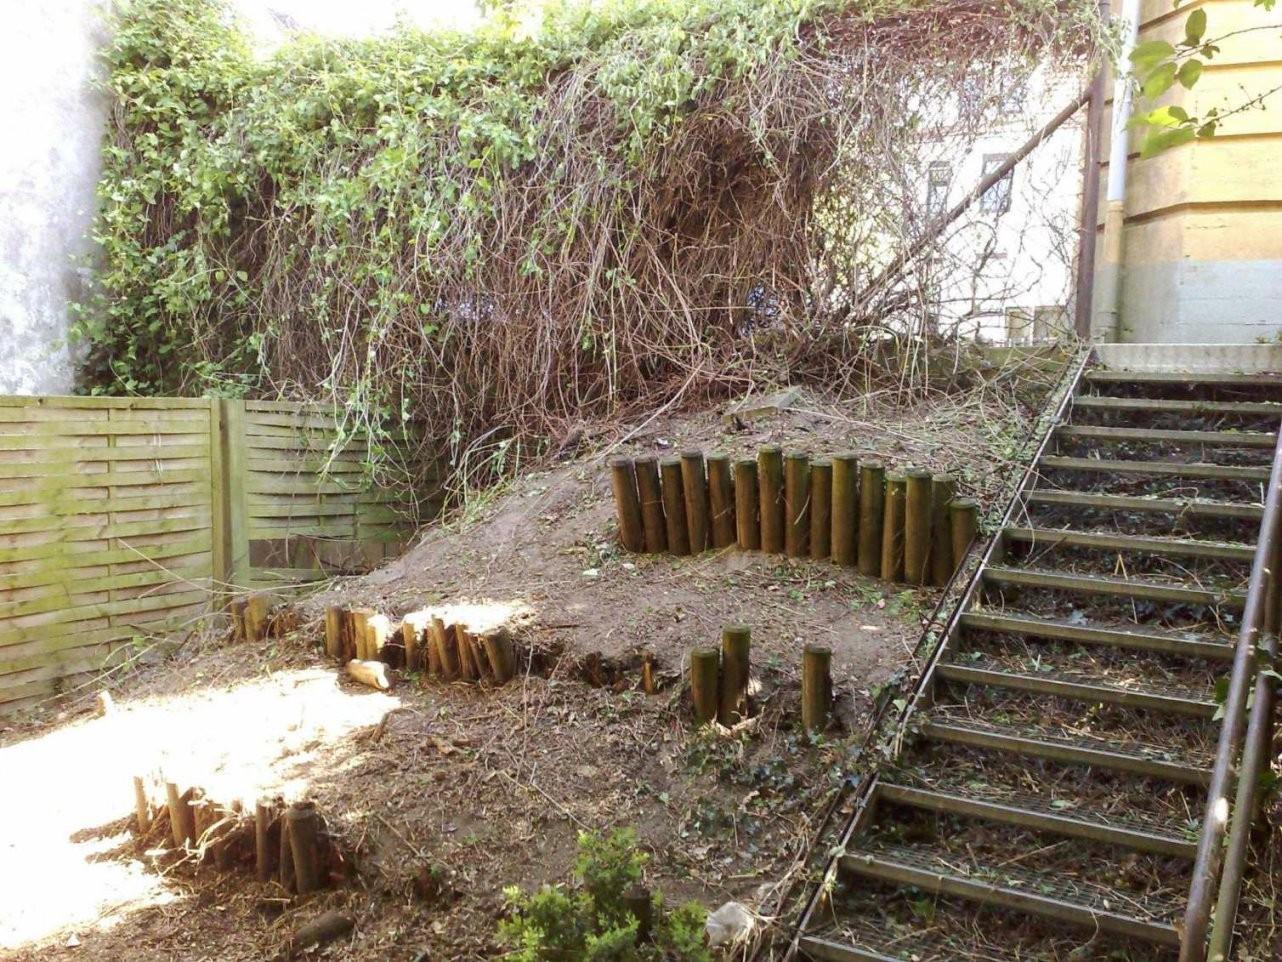 Steine Mauer Garten von Garten Mauern Steine Bild